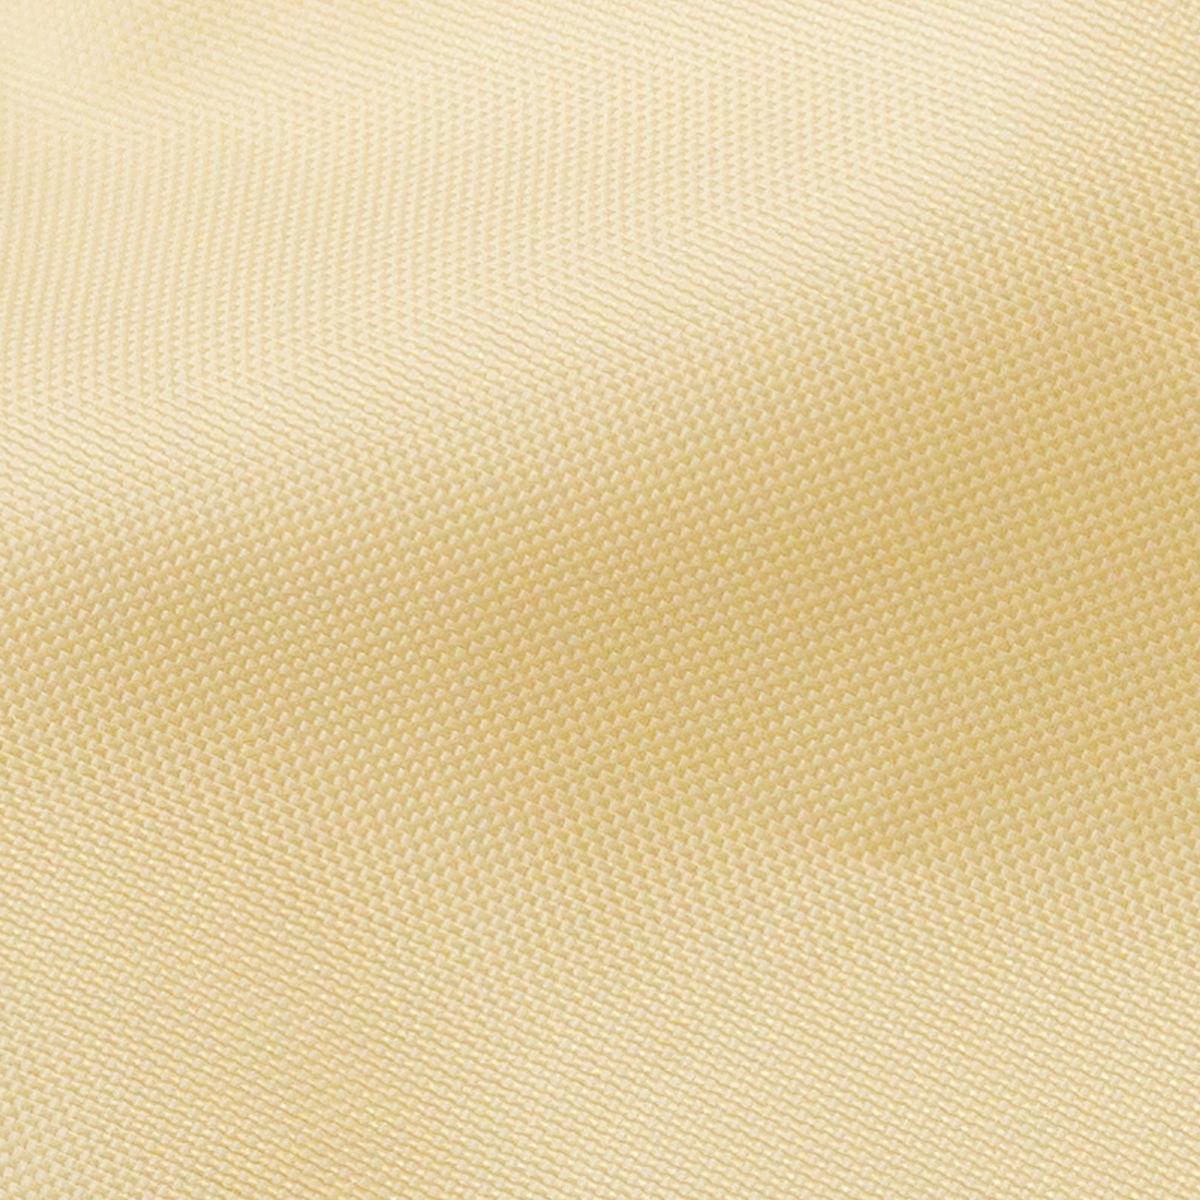 冬は合掛け布団のように、手持ちの羽毛布団や綿布団を入れて使えるガーゼダウンケット